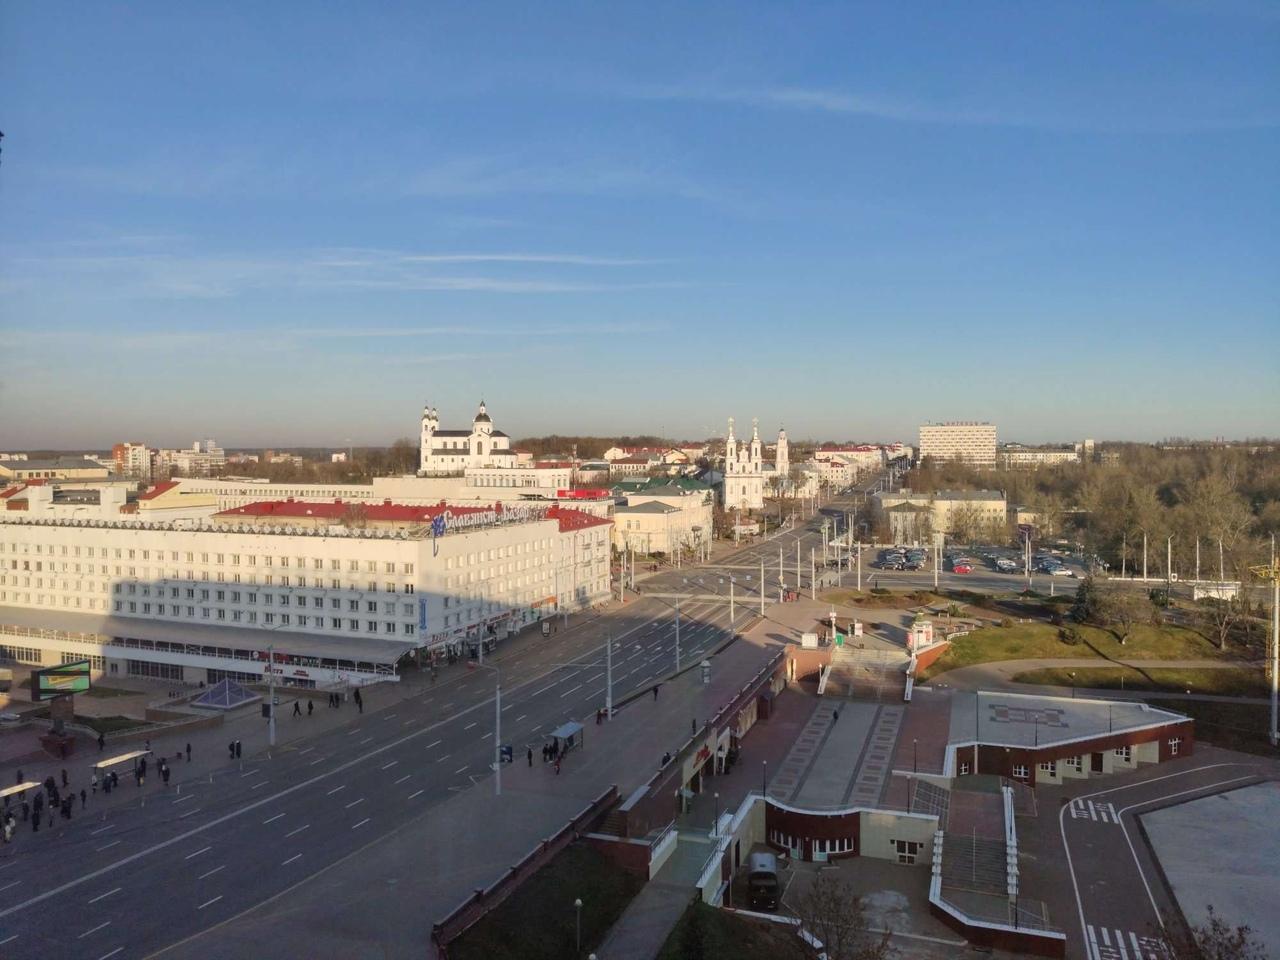 Александр Лукашенко прибыл с рабочей поездкой в Витебск. Жители в соцсетях активно обсуждают приезд высокого гостя